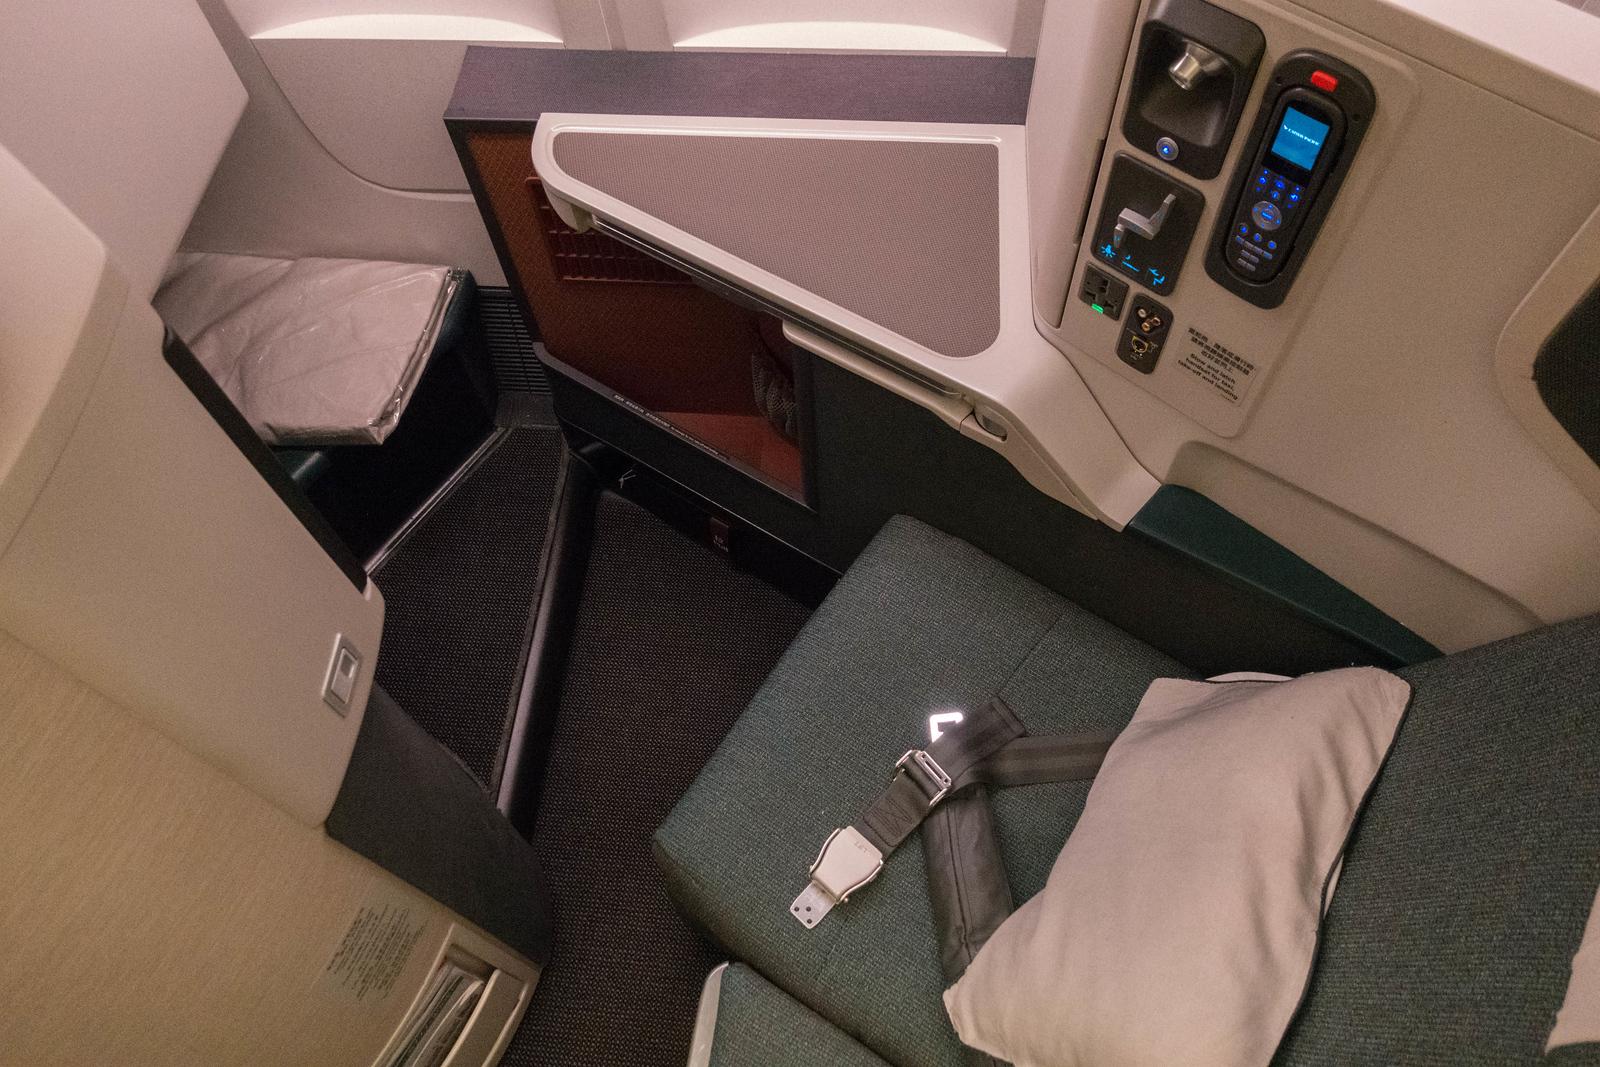 cathay pacific premium economy pod